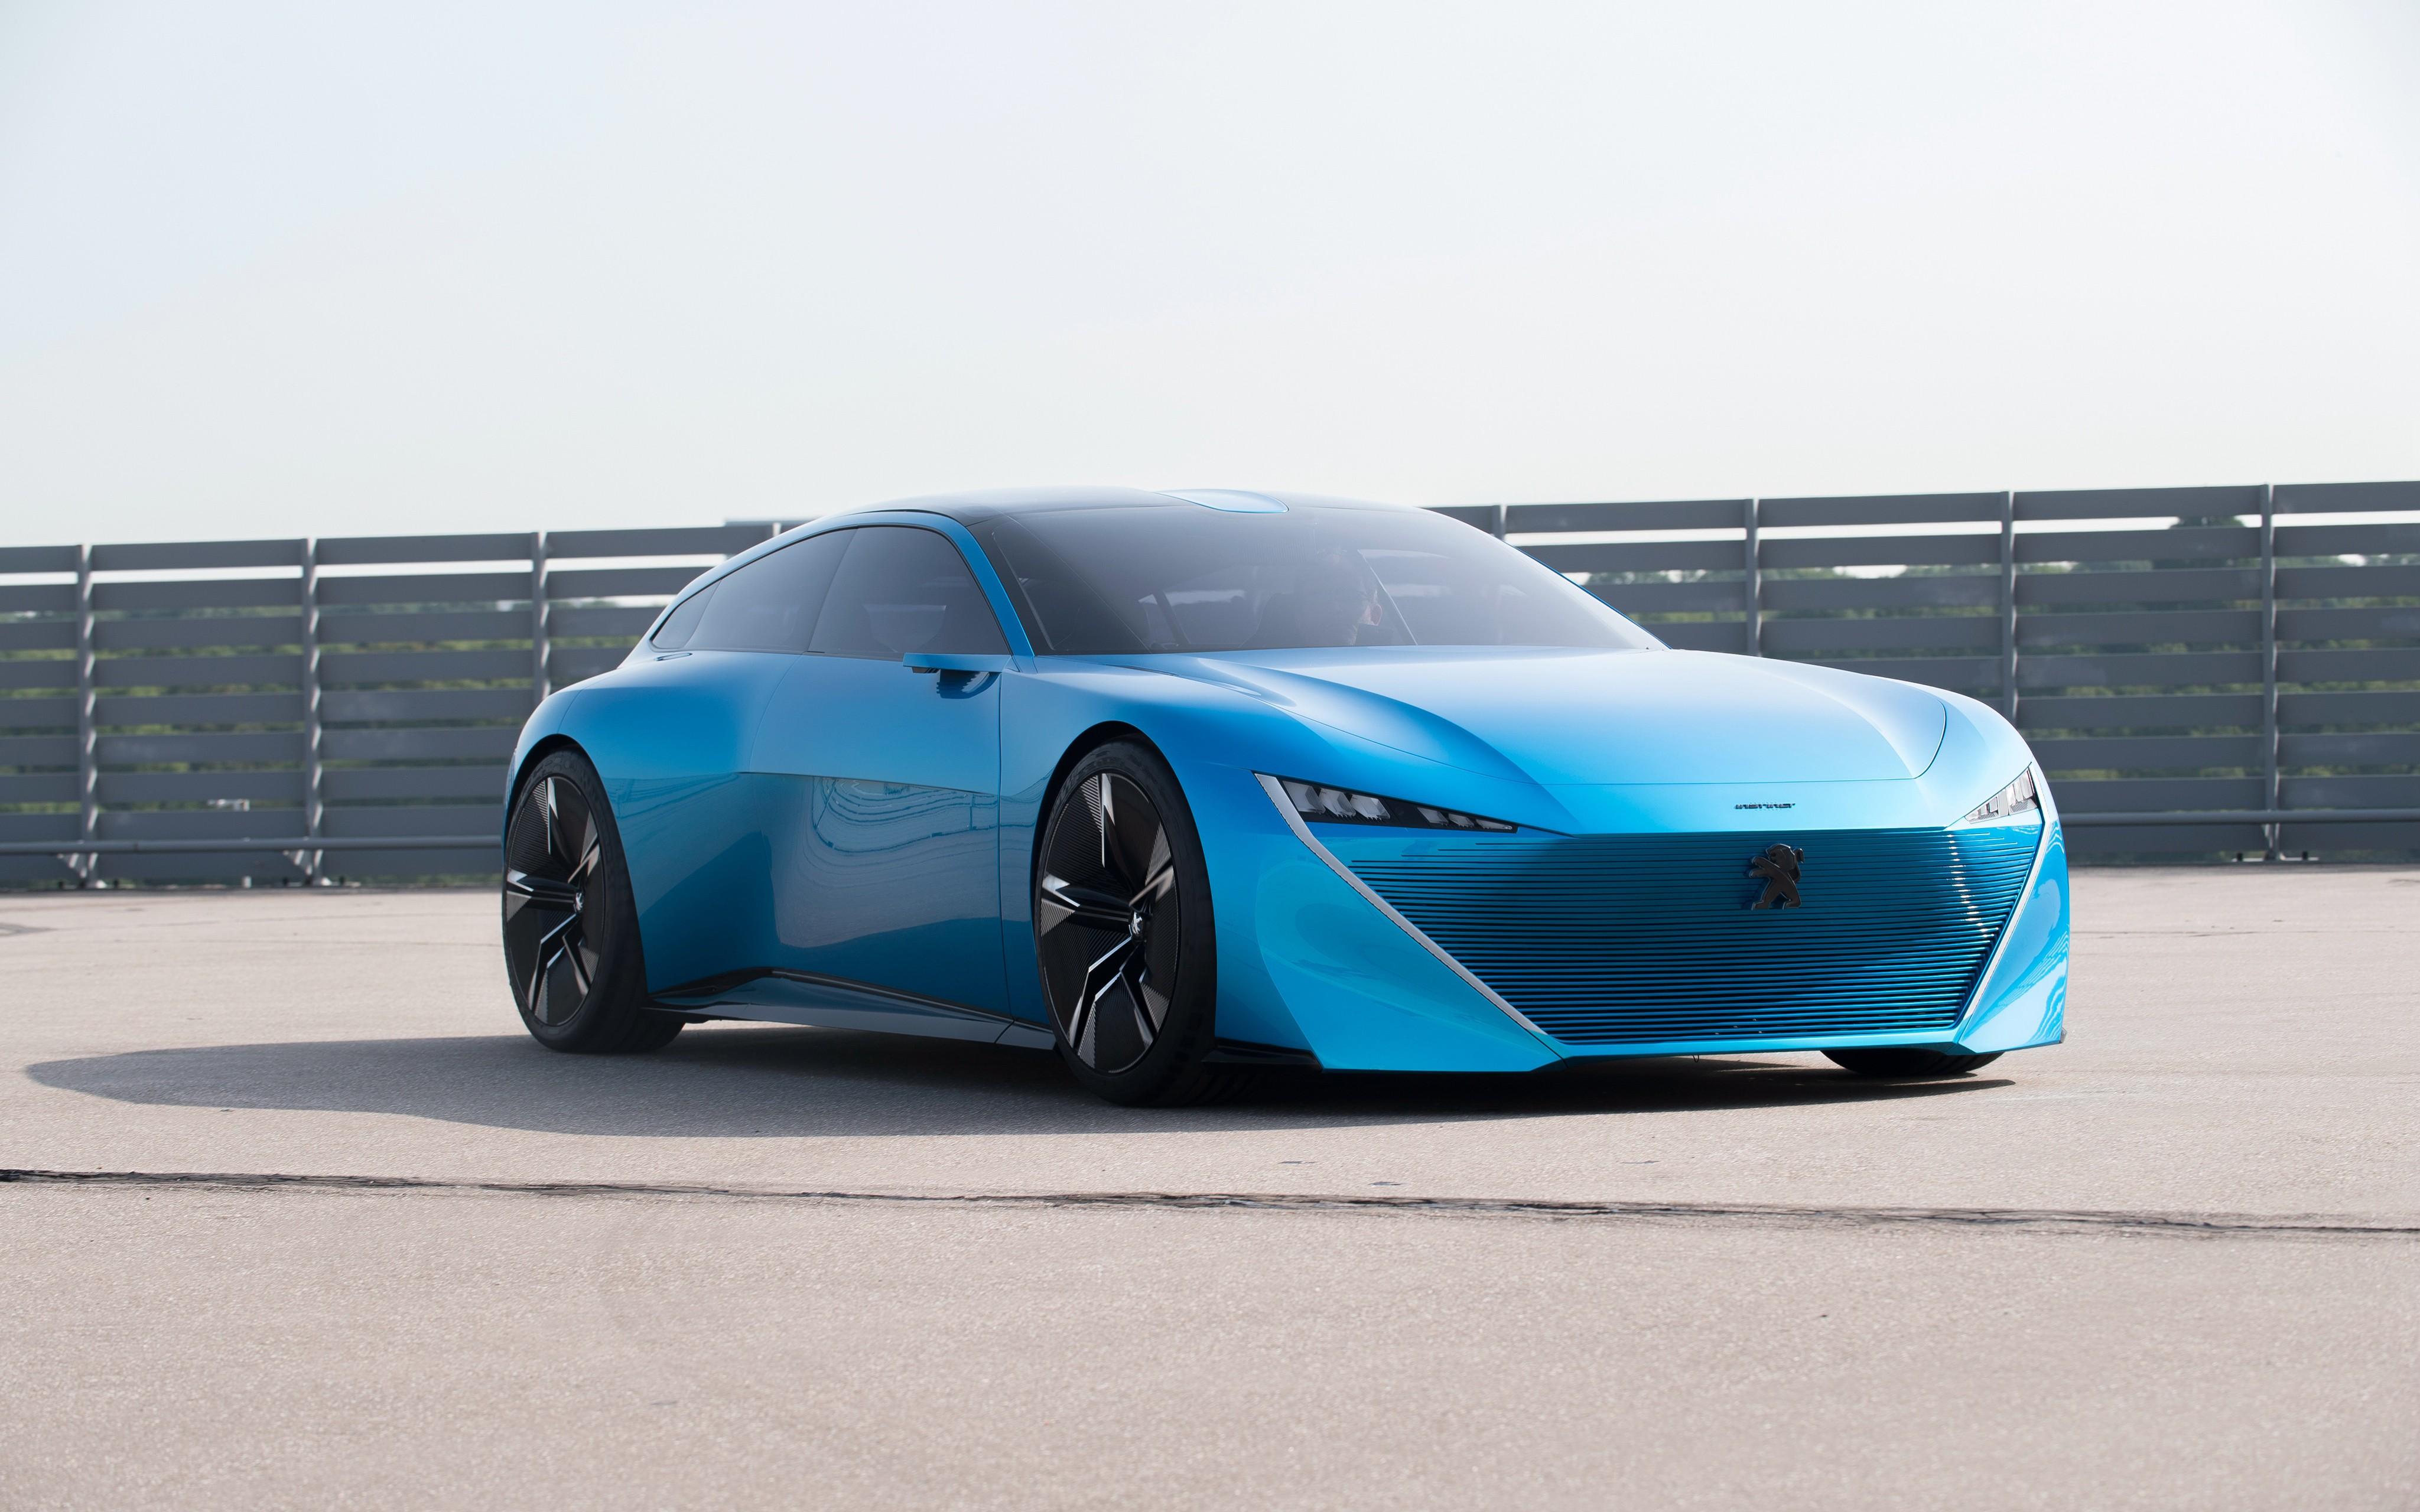 спортивный автомобиль peugeot concept sports car  № 958939 бесплатно